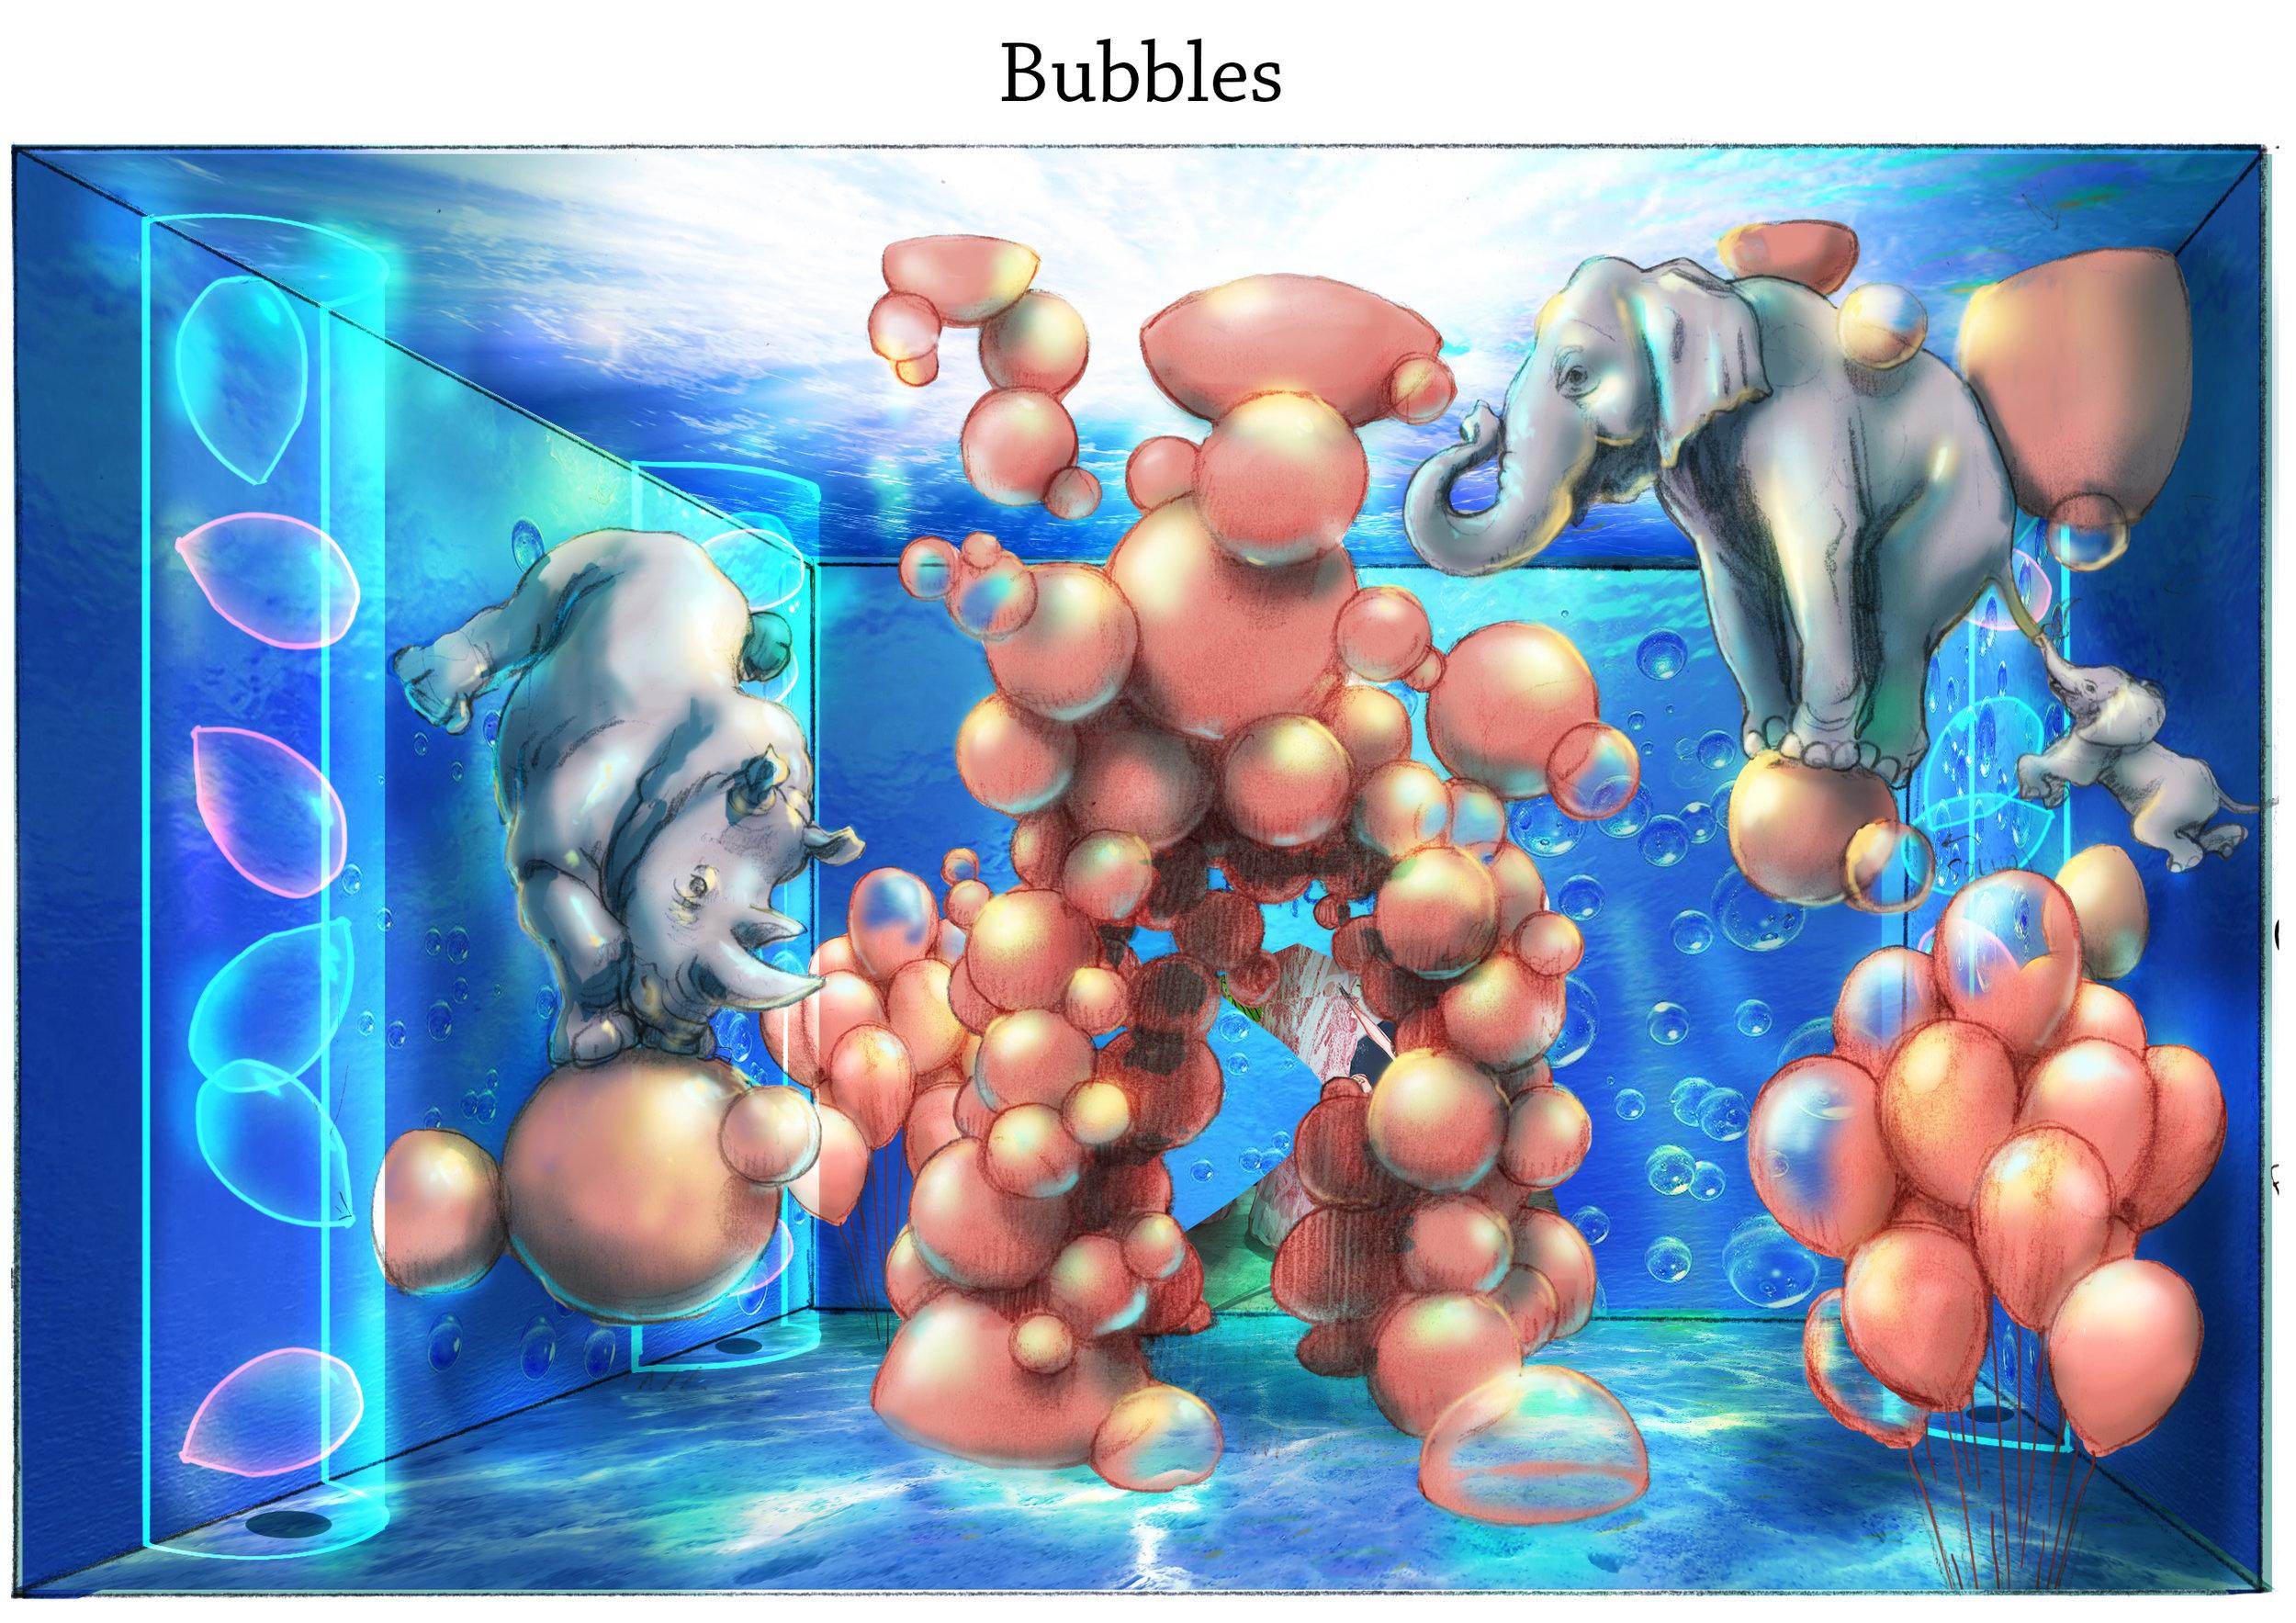 1 bubbles_final.jpg